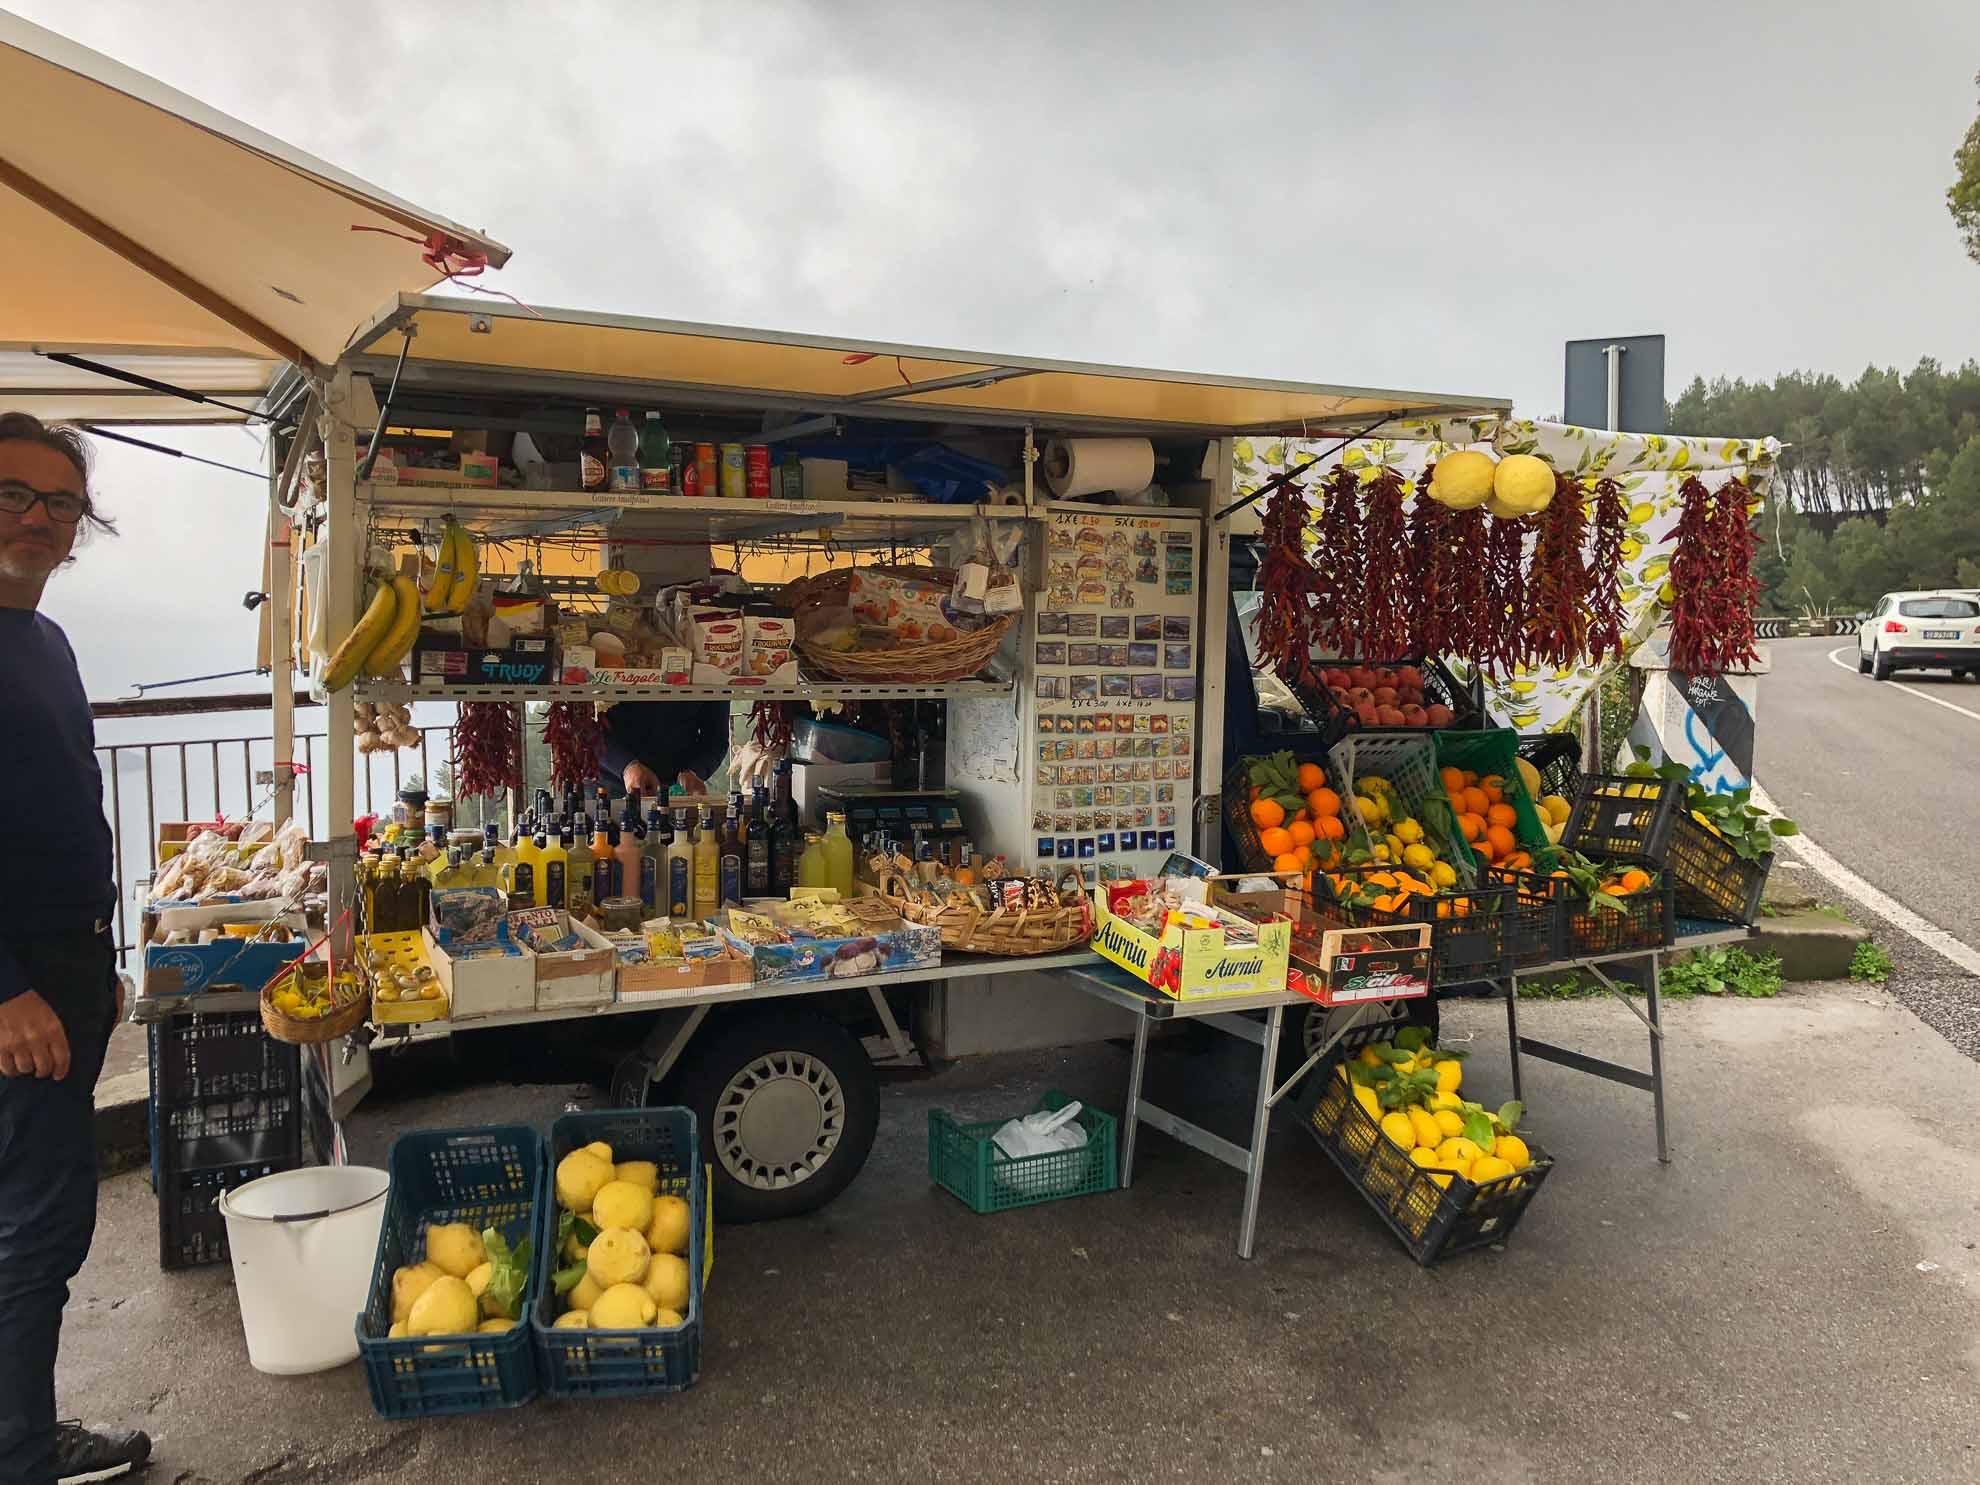 Am Stand eines Händlers mit regionalen Produkten ...